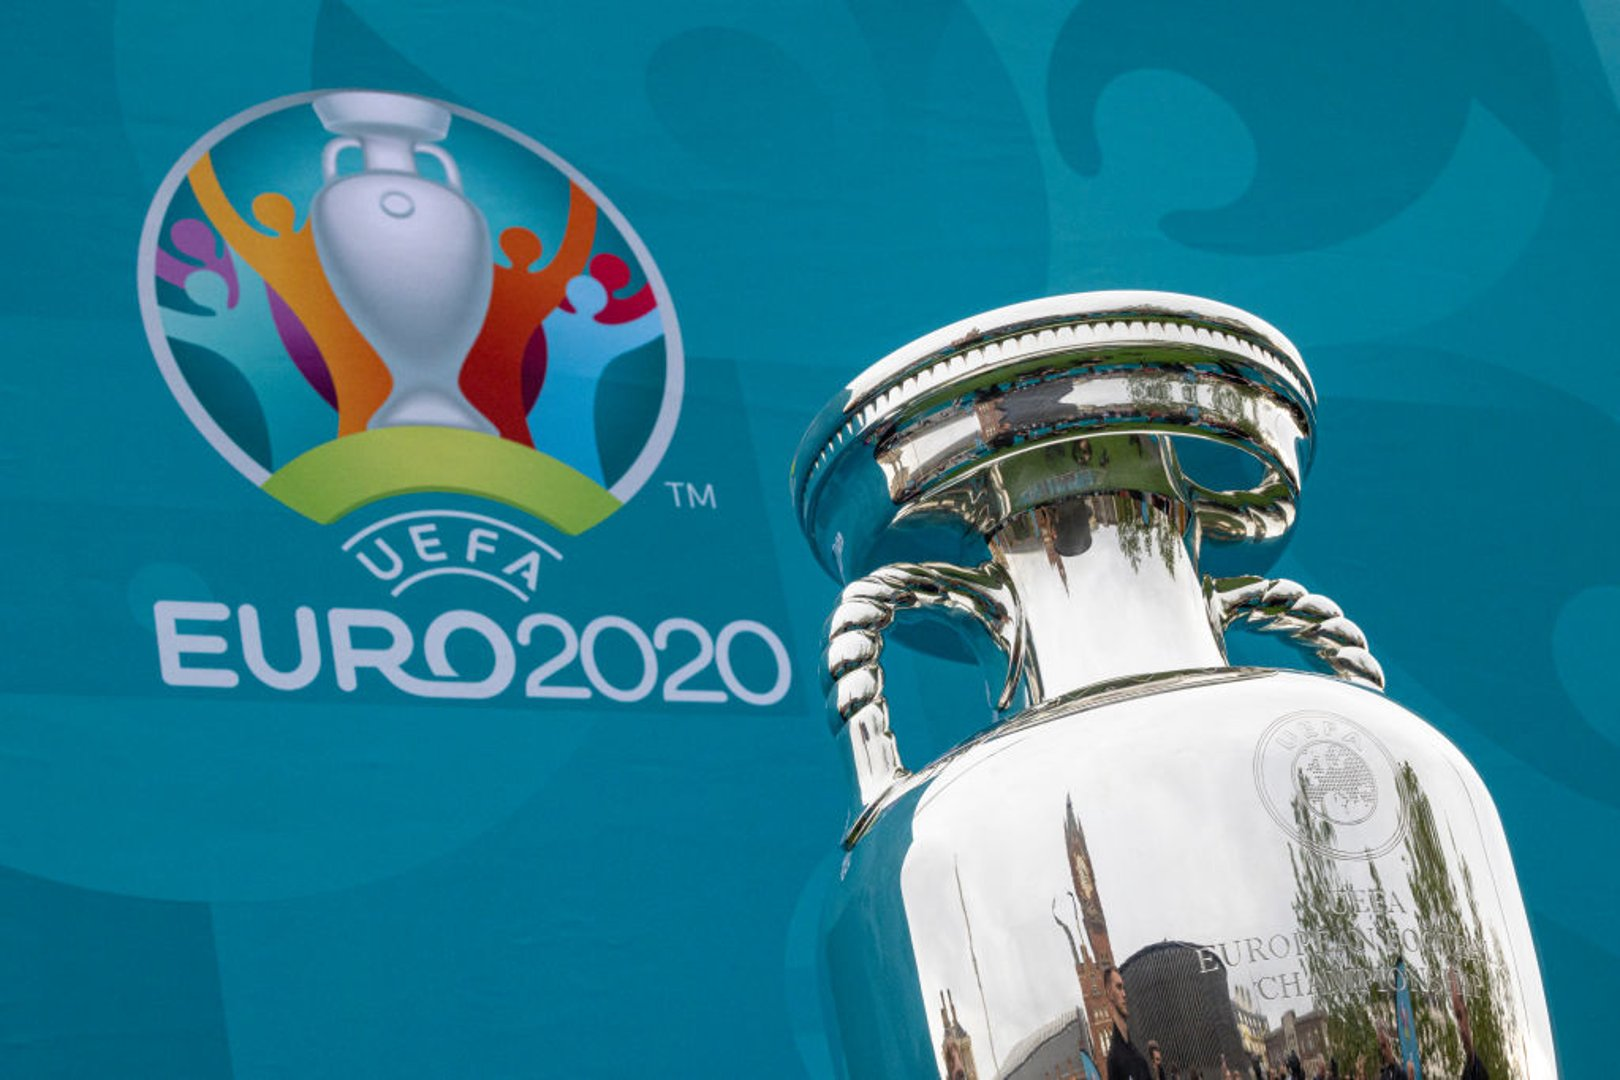 La Eurocopa 2020 en clave City